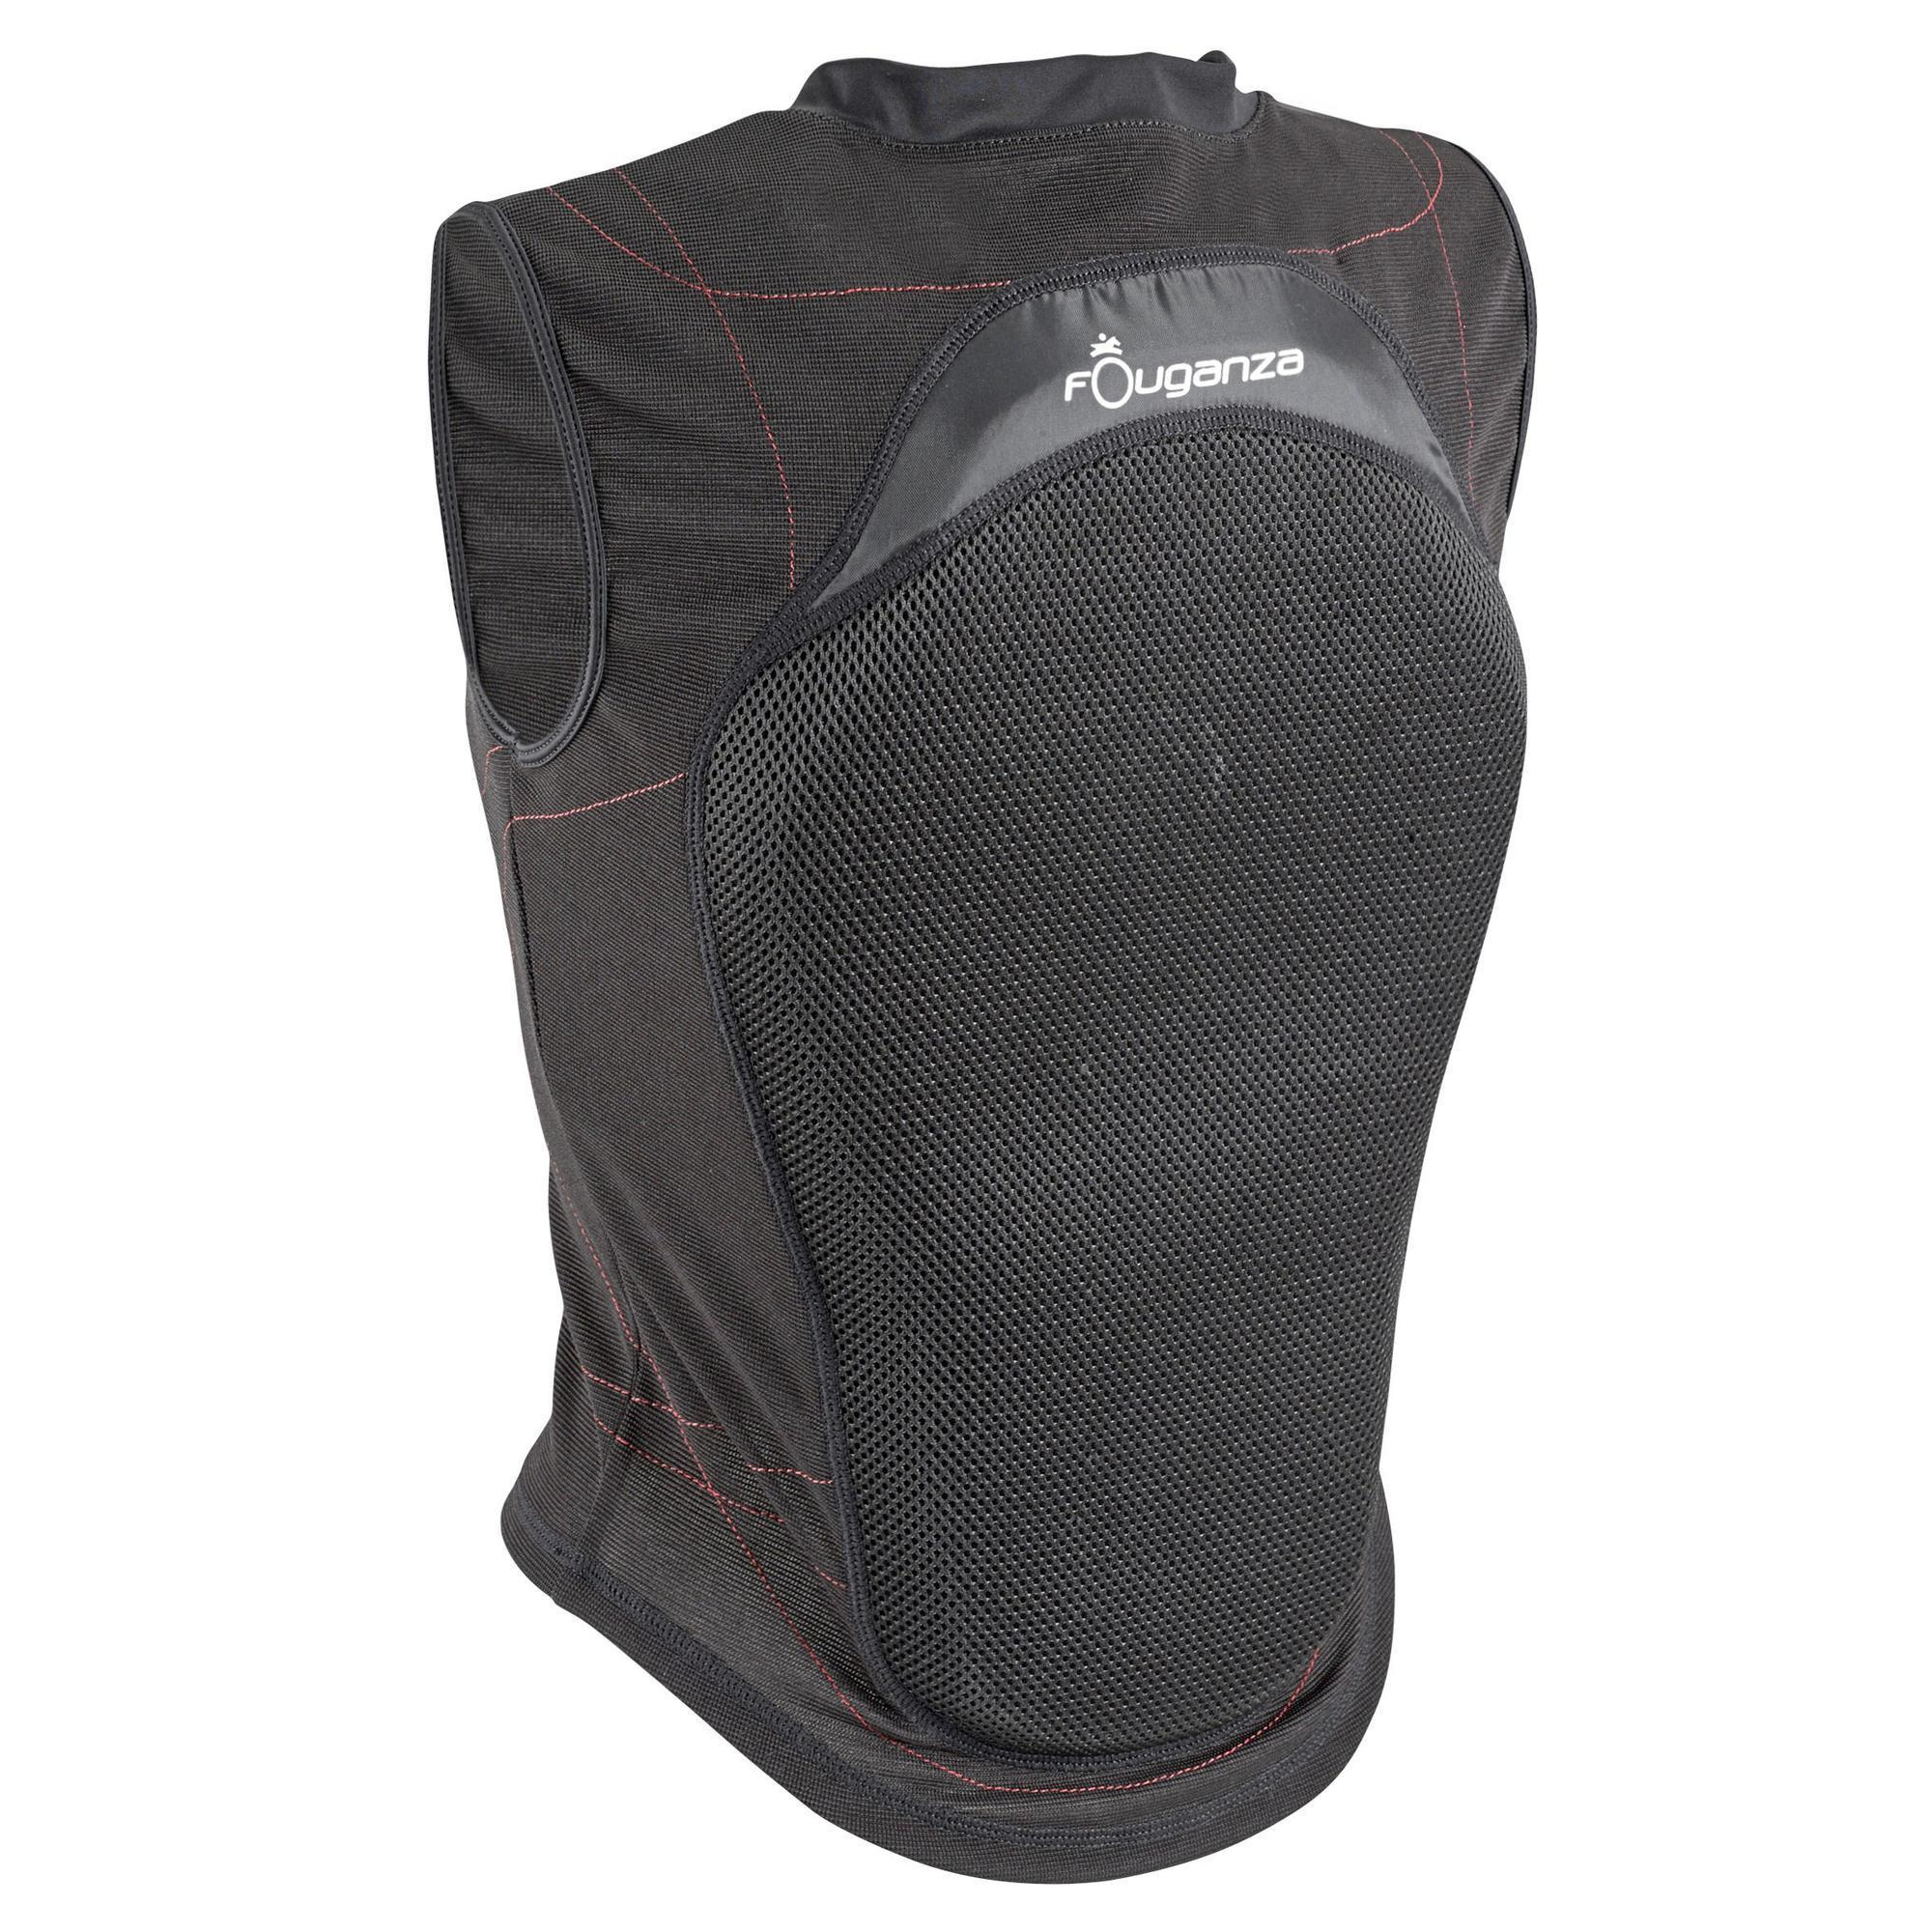 Fouganza Soepele rugbeschermer voor volwassenen en kinderen ruitersport zwart